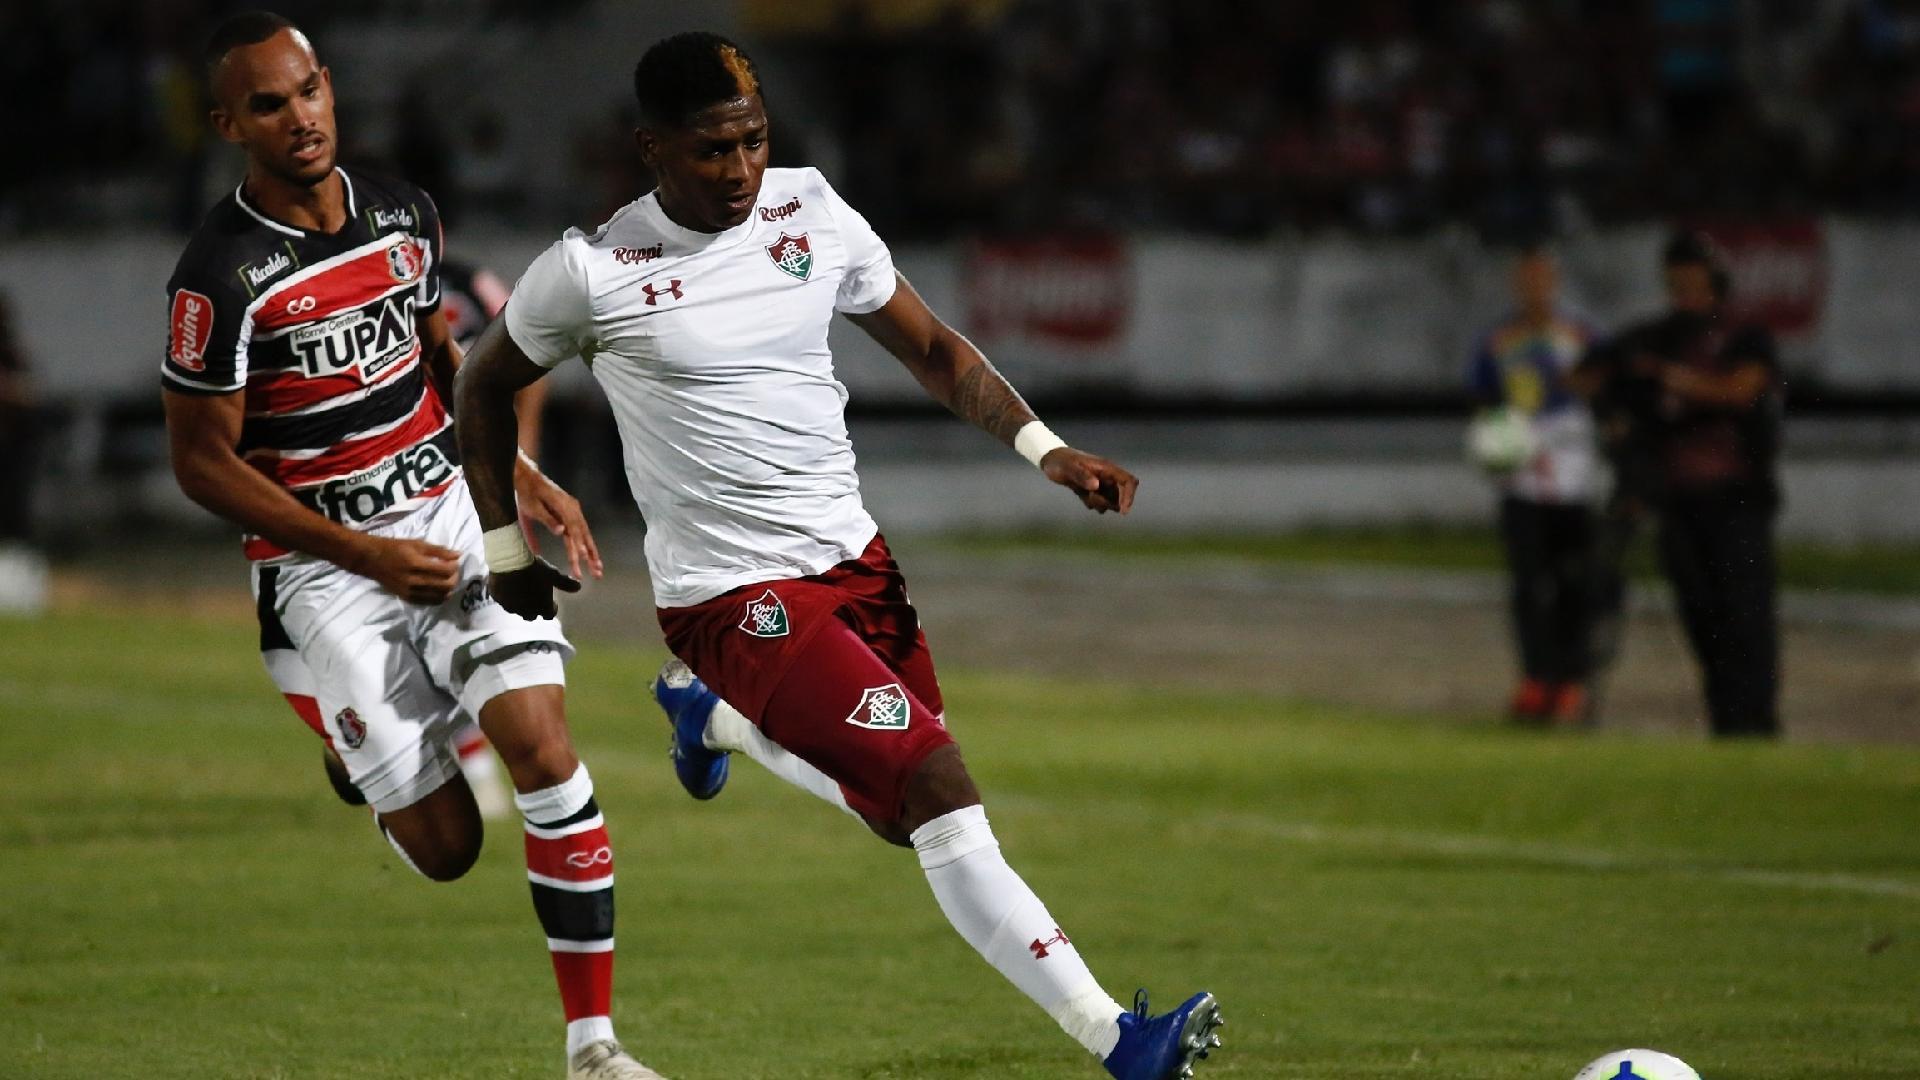 Yony González, durante partida entre Fluminense e Santa Cruz